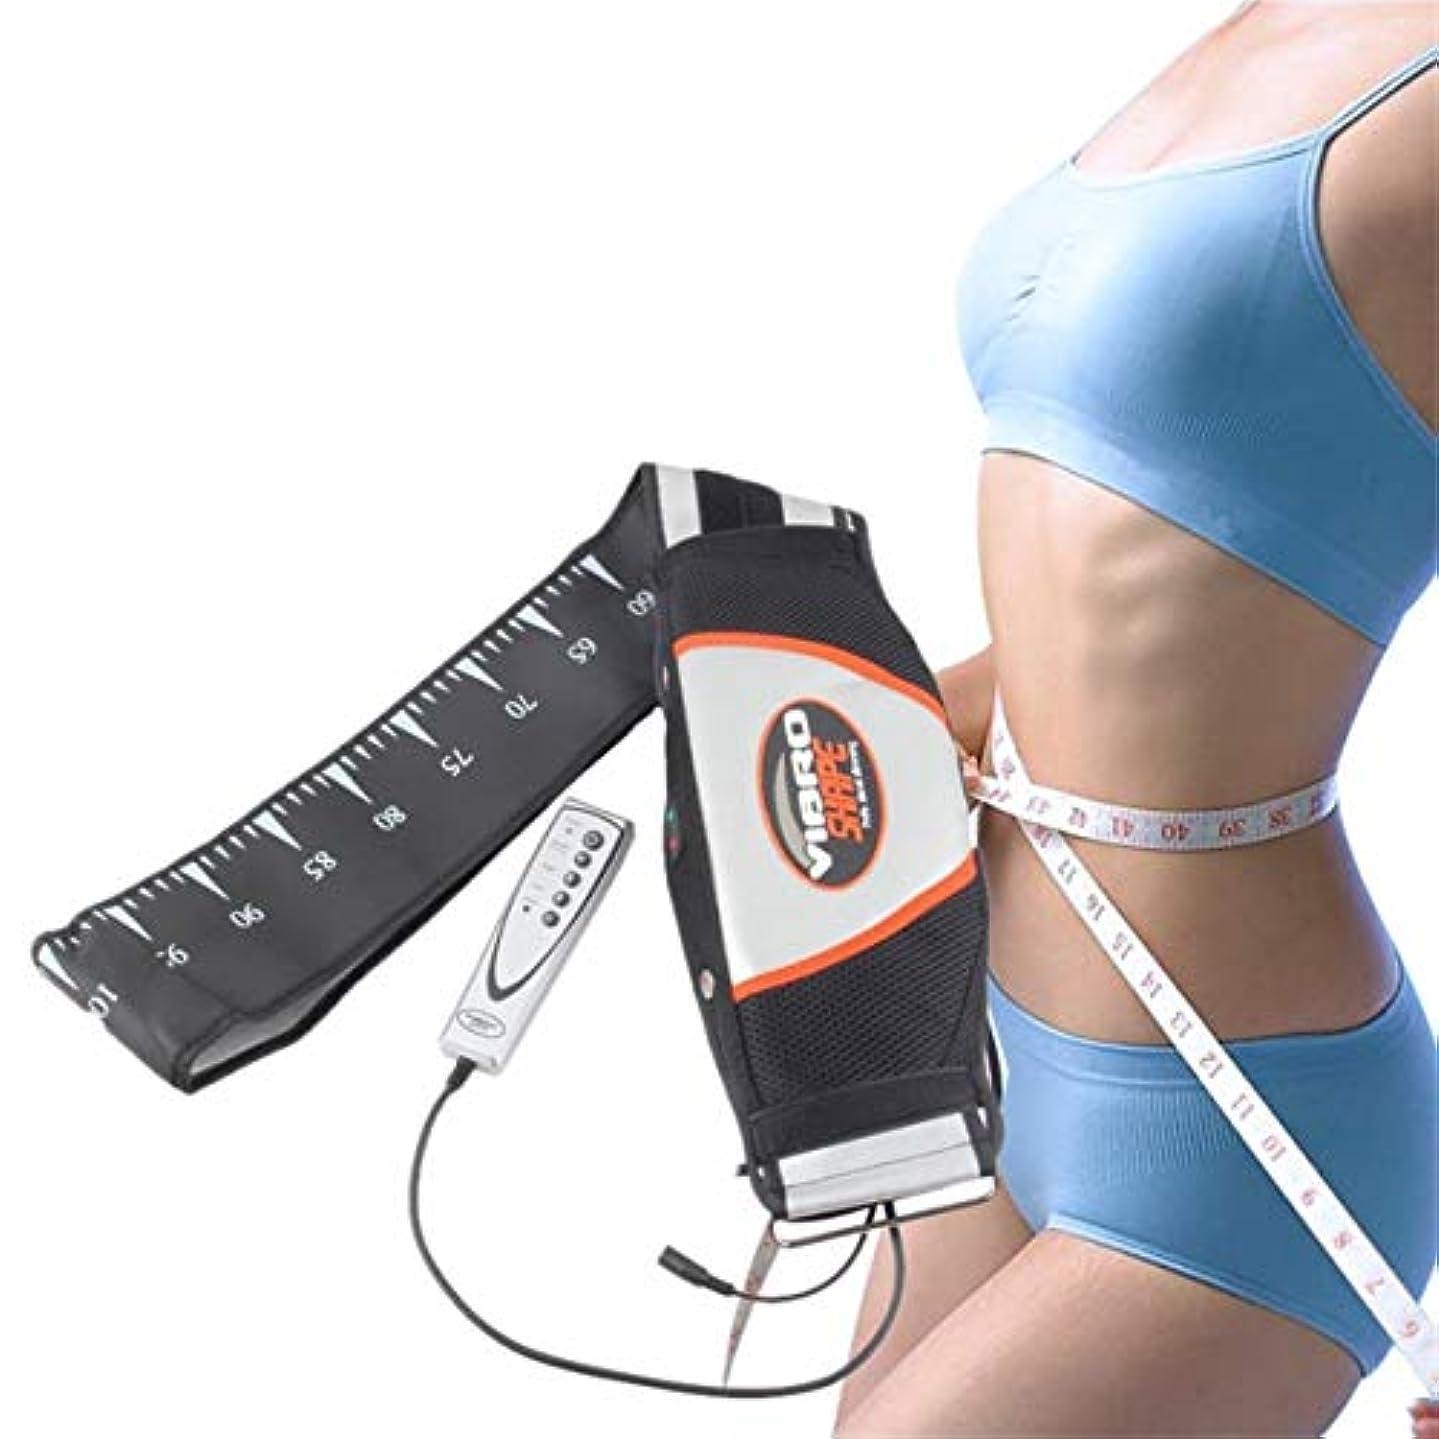 透けるテレビキャラバン強力な電気振動痩身ベルト振動マッサージベルトリラックストーン振動脂肪燃焼重量を失う効果的に失う